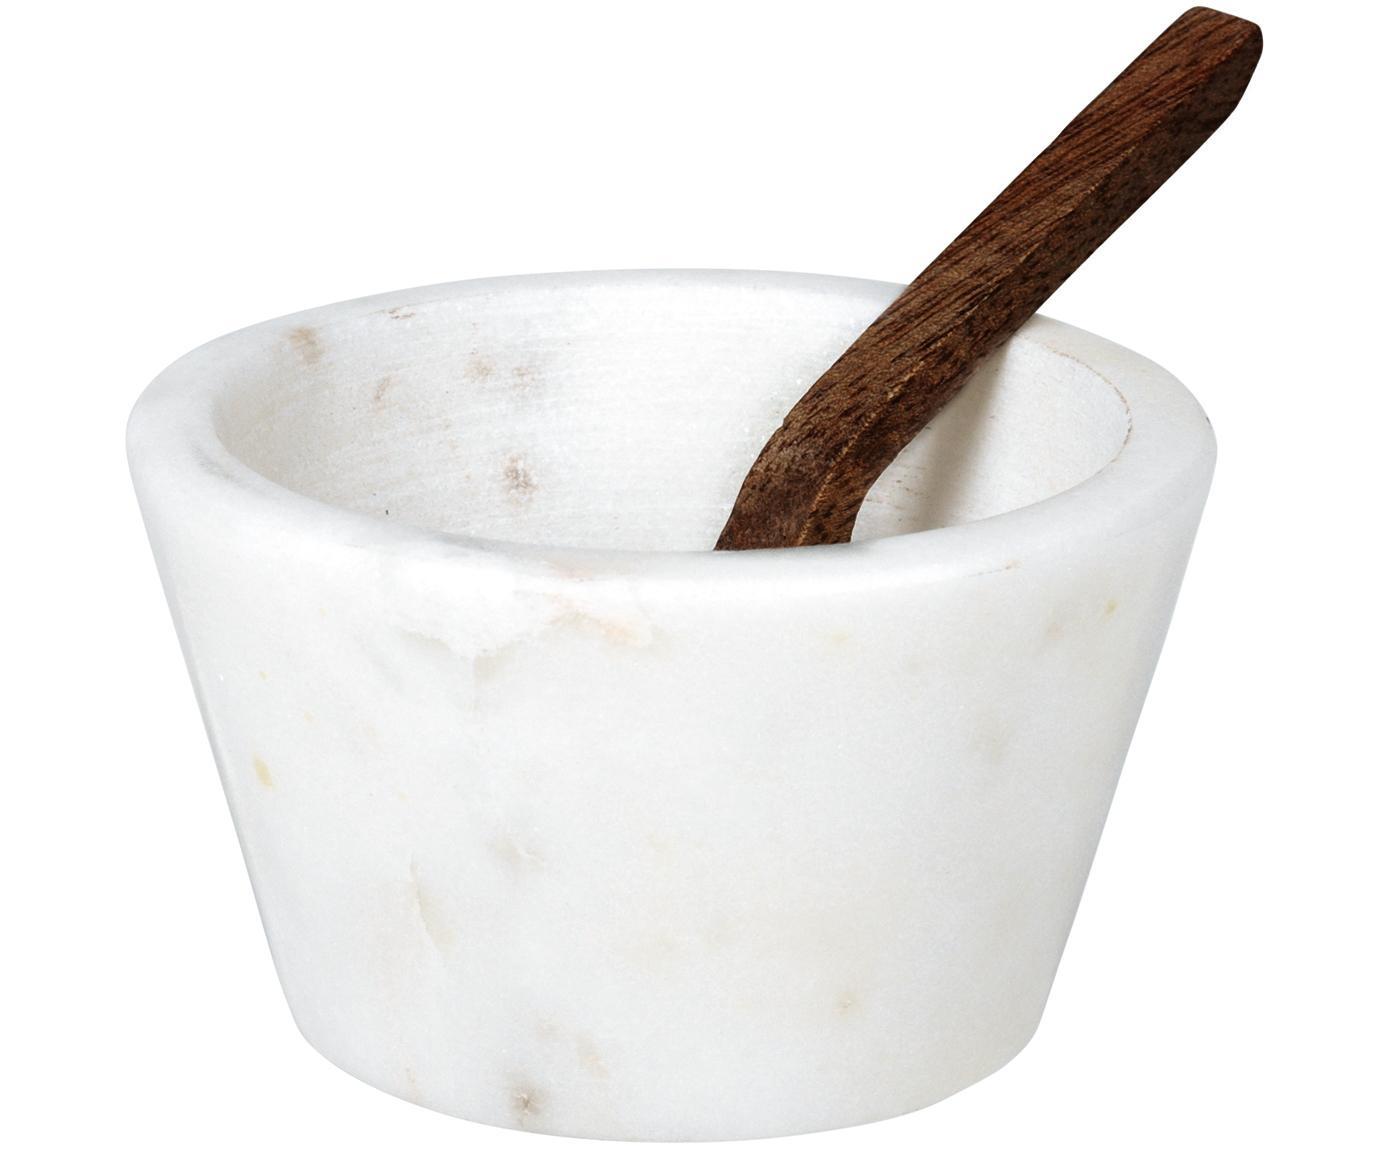 Marmor Salz-Schälchen Marble, Schüssel: Marmor, Löffel: Sheeshamholz, Weiß marmoriert, Sheeshamholz, Ø 7 x H 4 cm